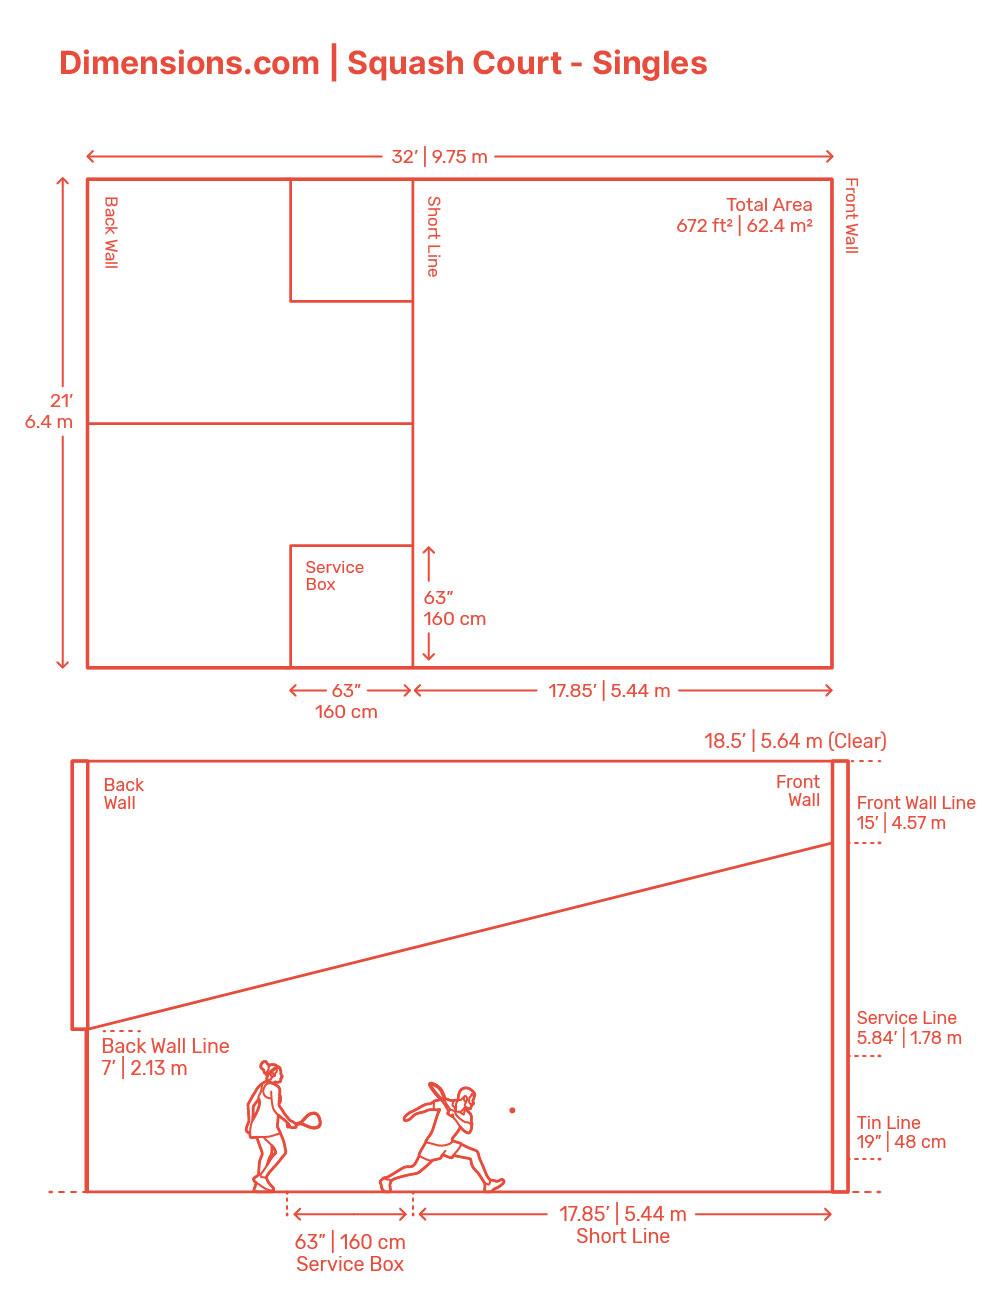 Dimension d'un court de squash - Vue 3D